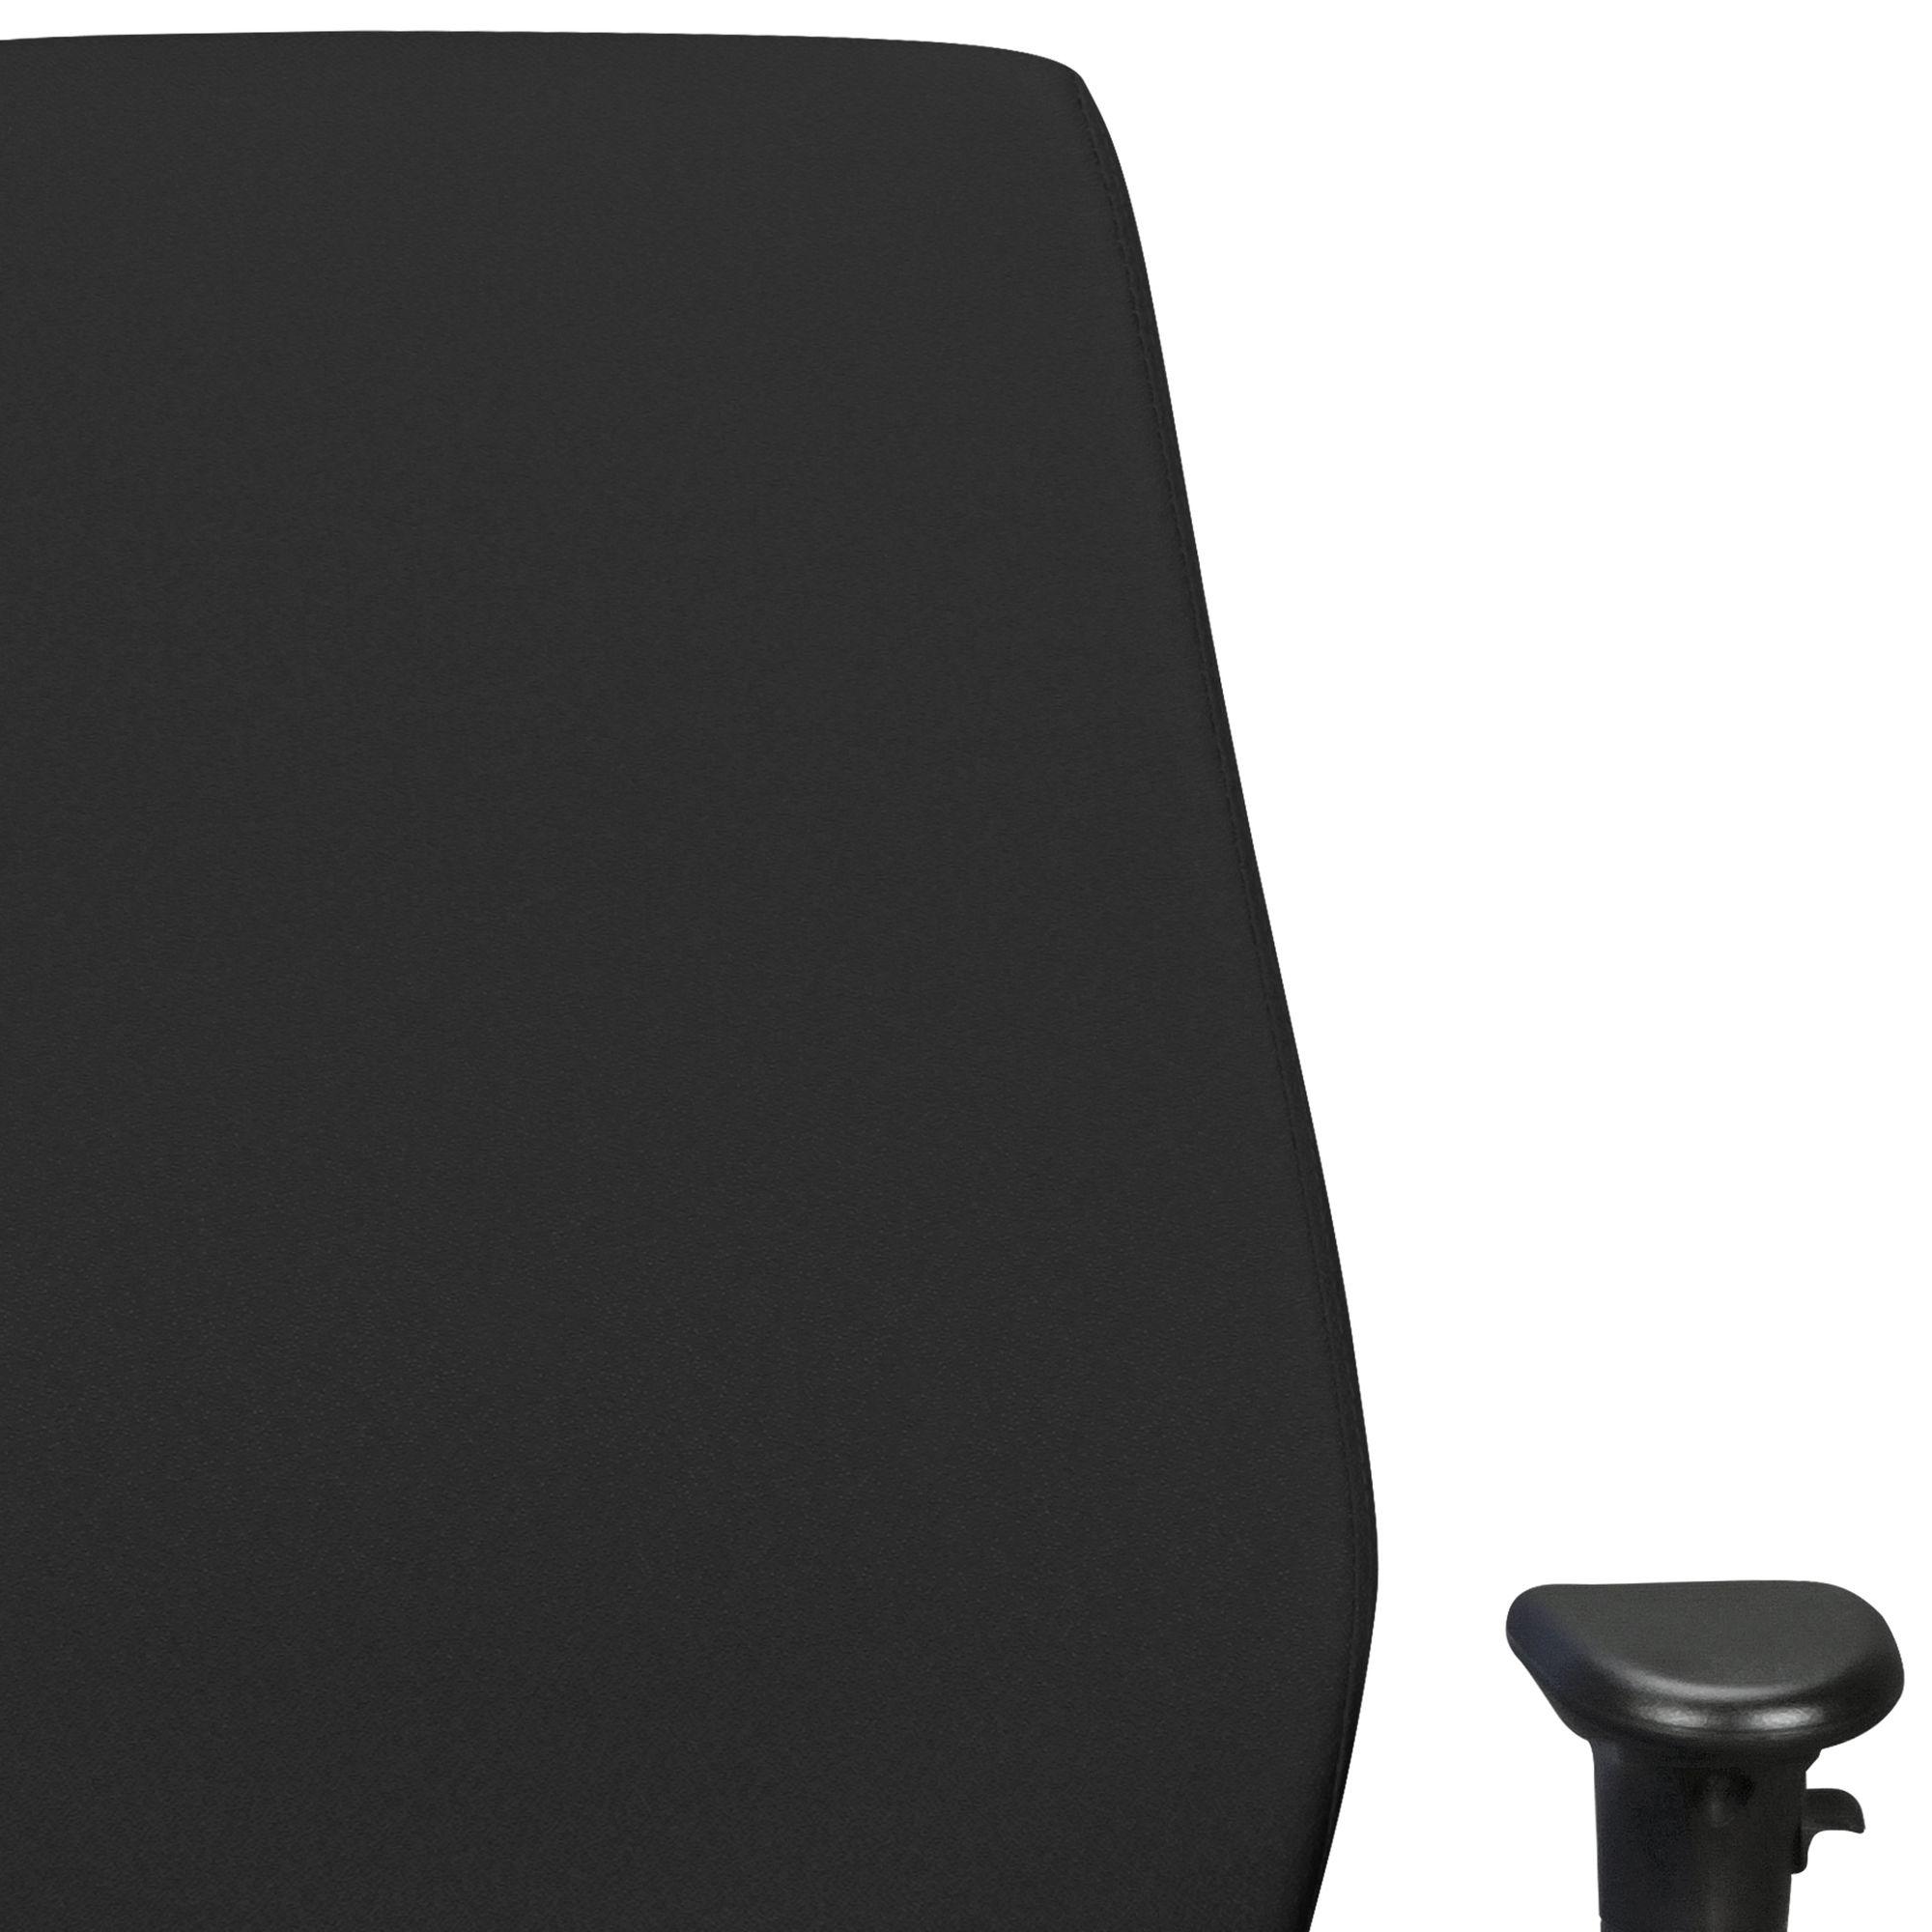 FineBuy Bürostuhl DAVE mit Stoff Bezug | Design Schreibtisch Stuhl mit Synchromechanik & Armlehnen | Drehstuhl Drehsessel ergonomisch 120 kg